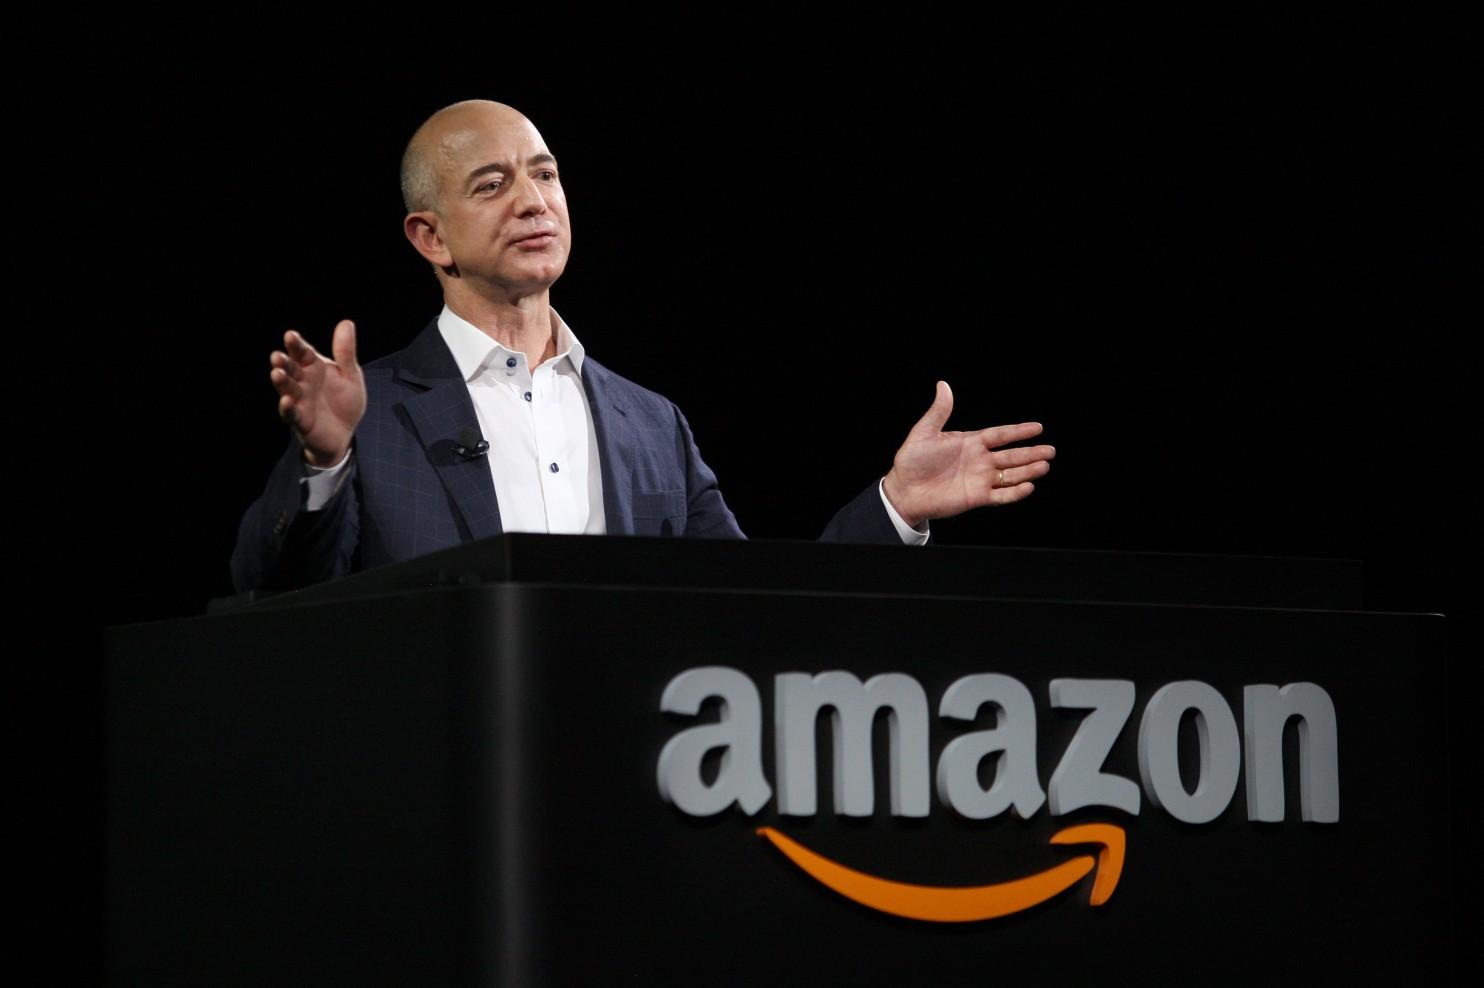 Bezos es el fundador y presidente de Amazon, así como propietario del periódico The Washington Post